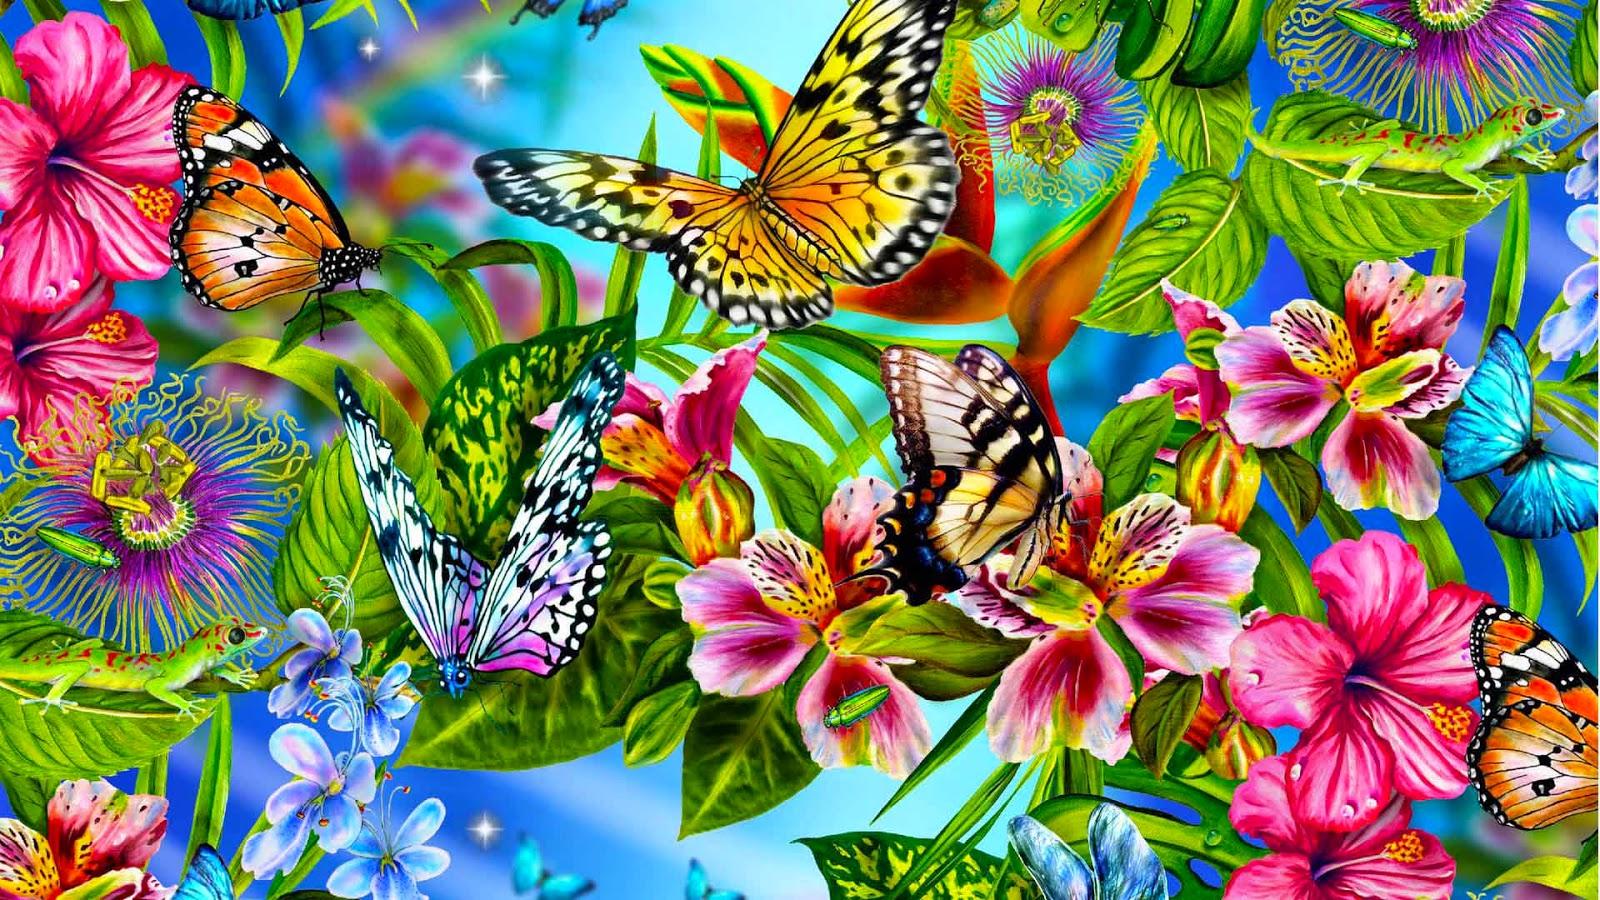 49+ Cute Butterfly Desktop Wallpapers on WallpaperSafari